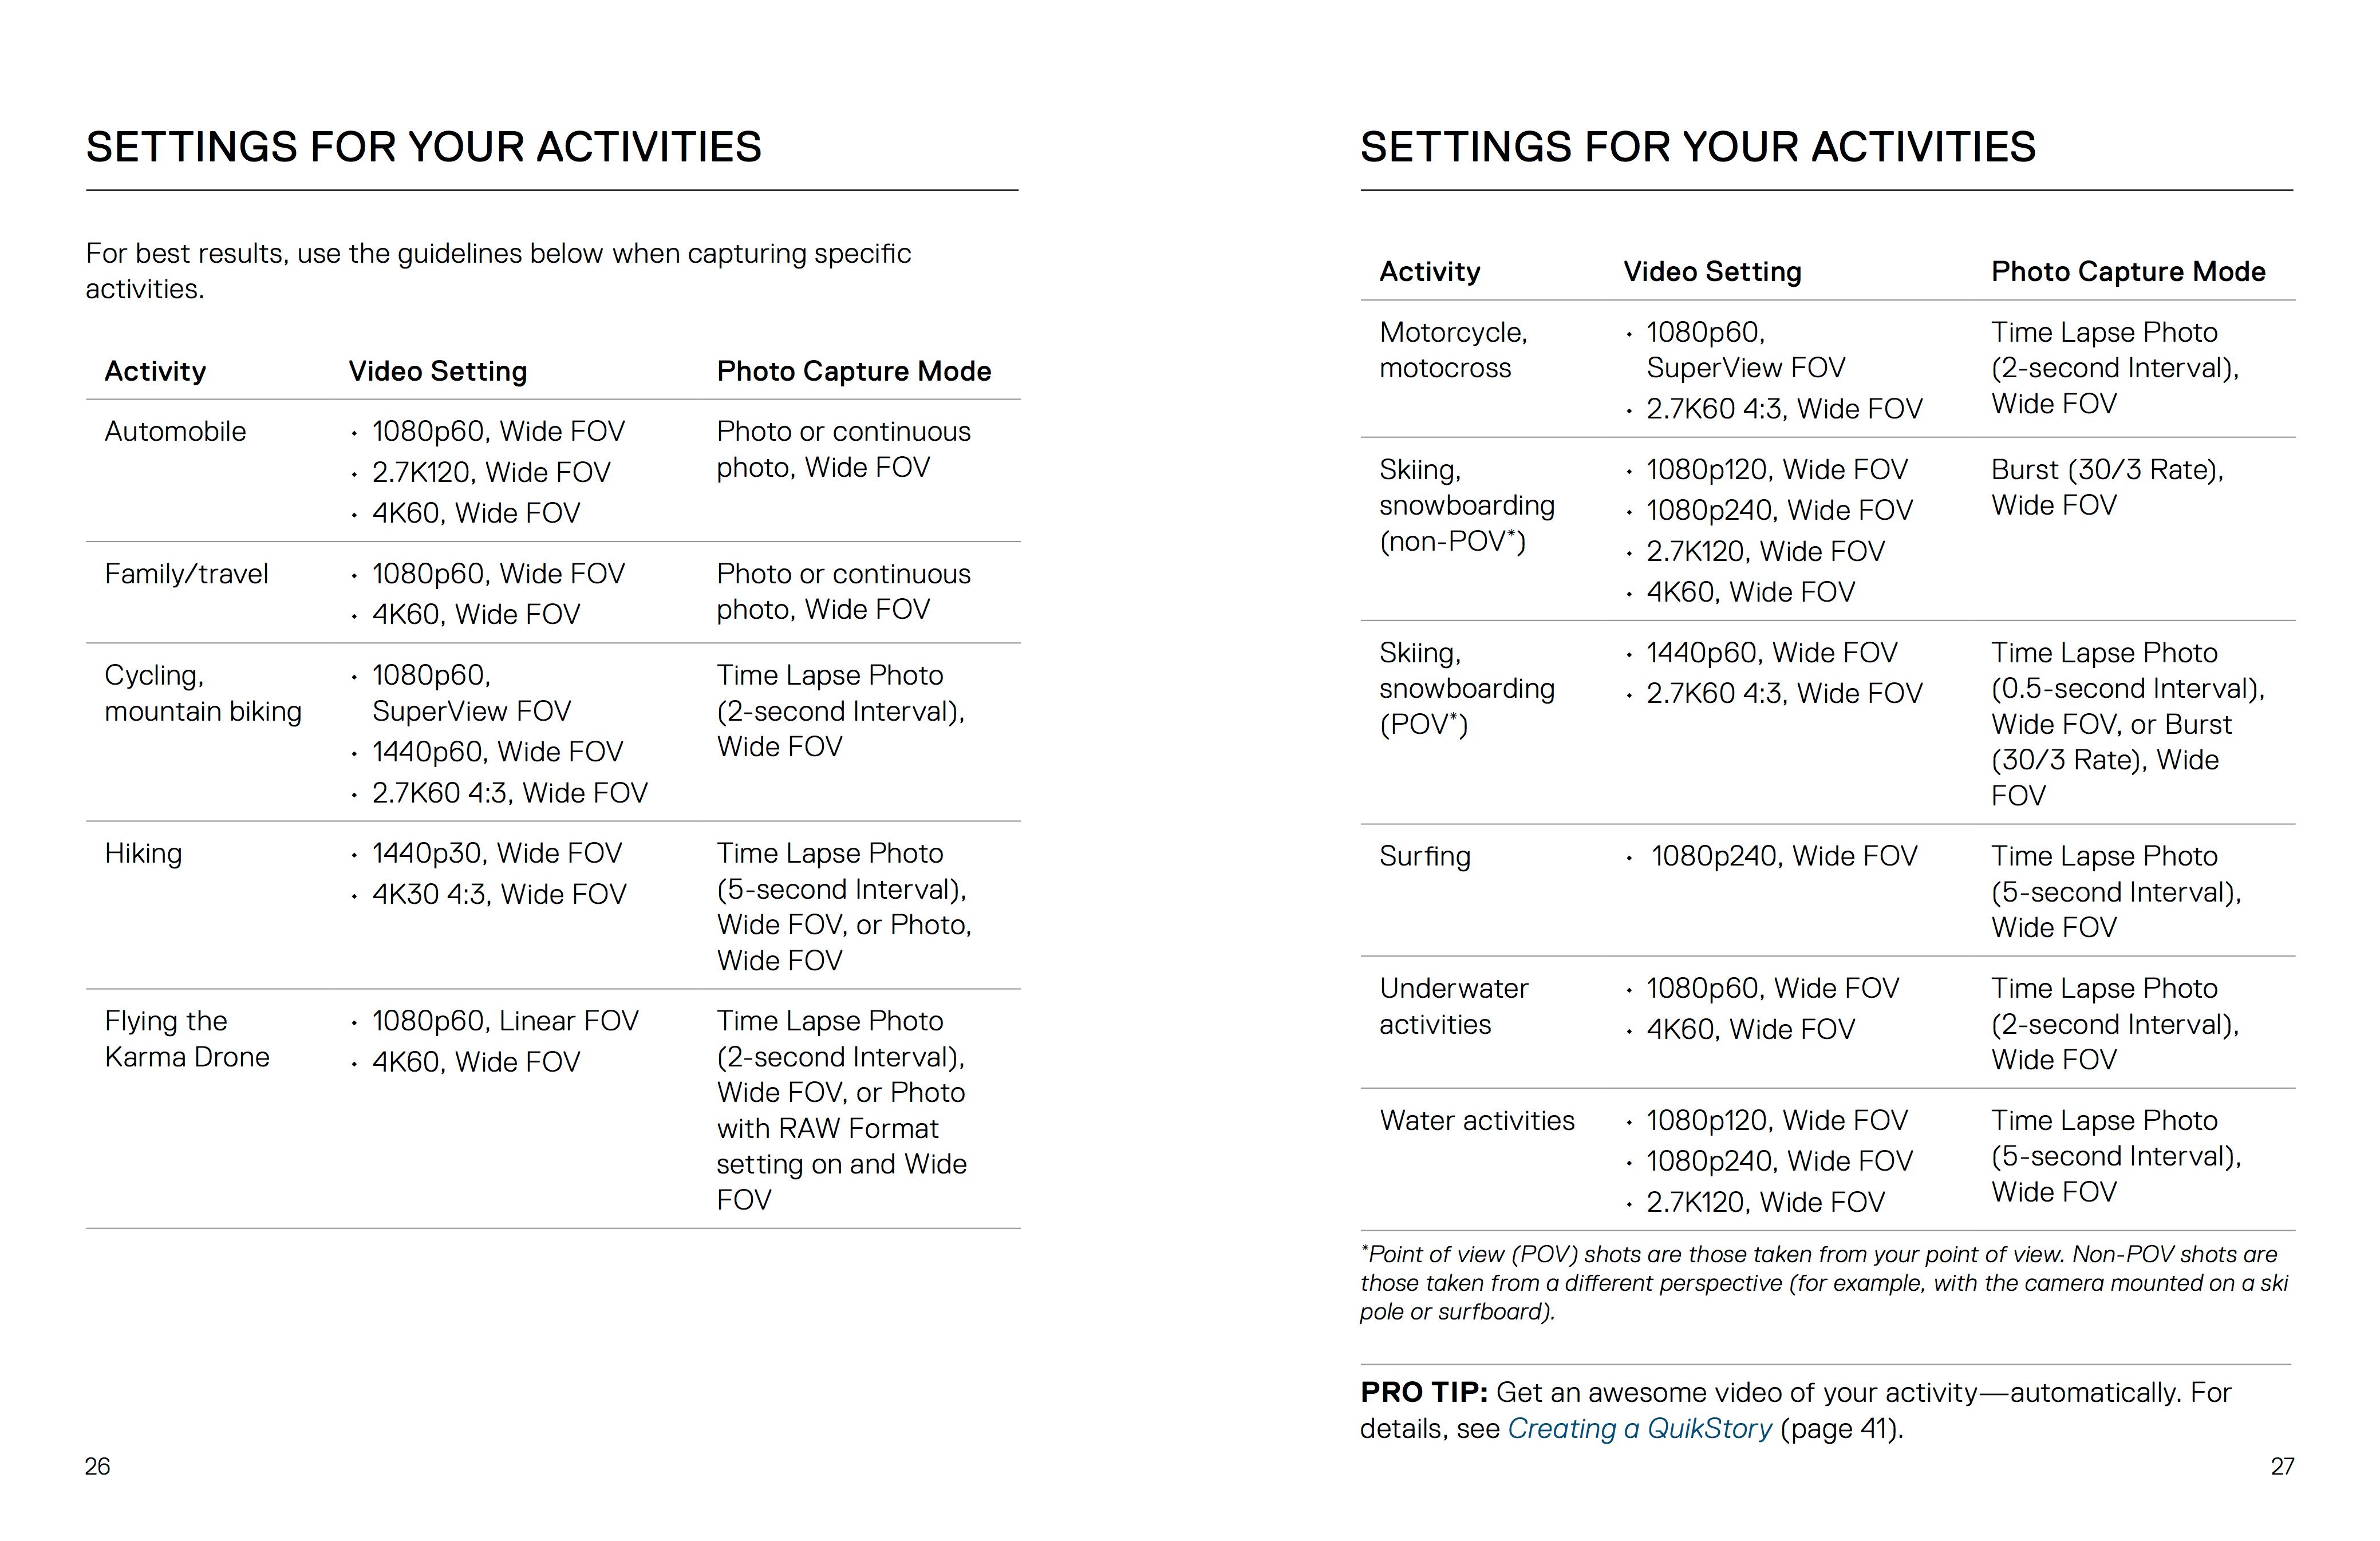 Hero 6 black - milyen sporthoz milyen felvételi módot használjak?